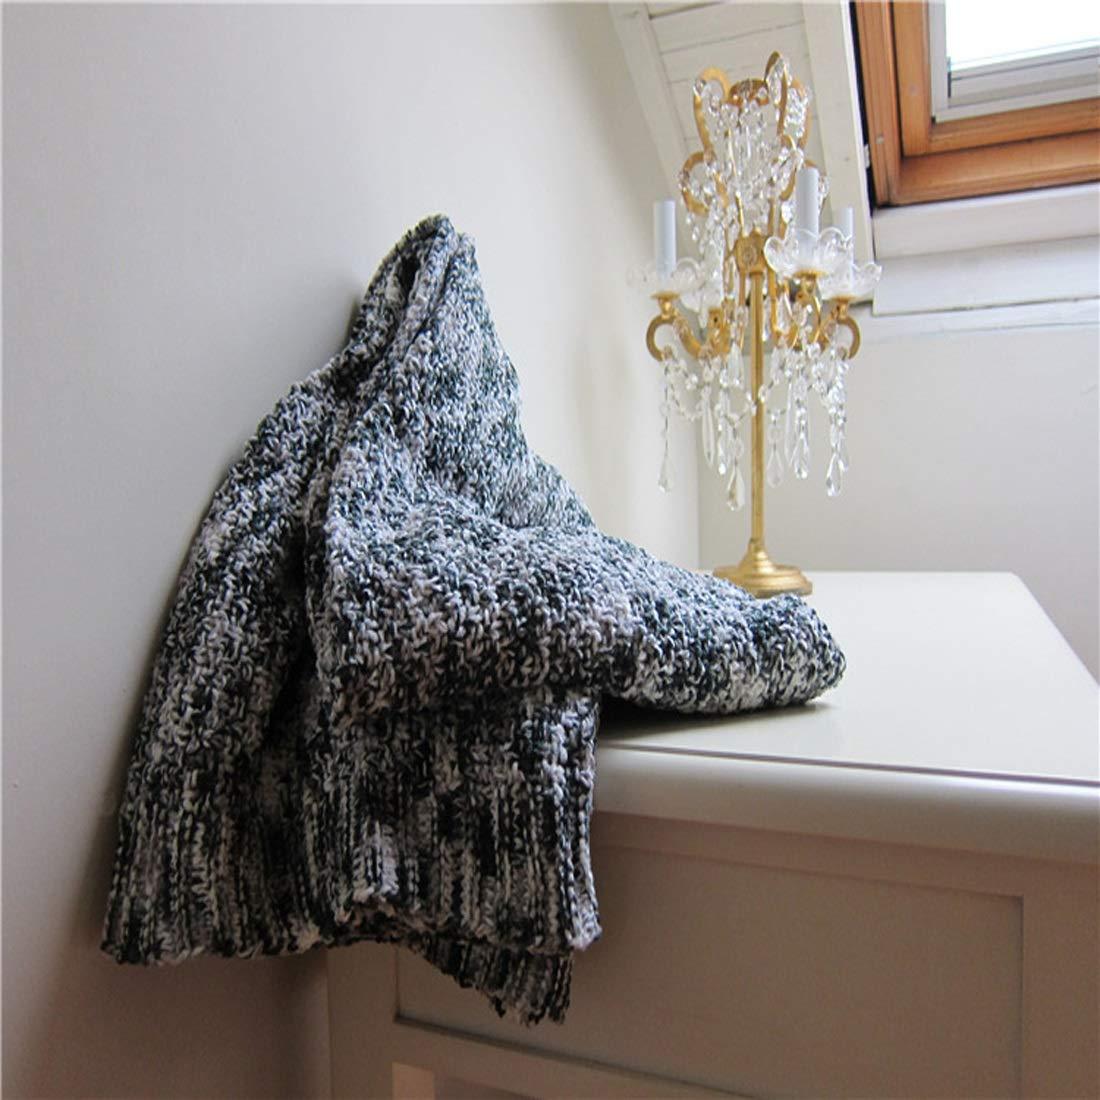 RENSHIHR ニット毛布ダークウォームソフトベッドタオルは、家庭の春と秋に適しています (Color : ブラック) B07MG7977J ブラック